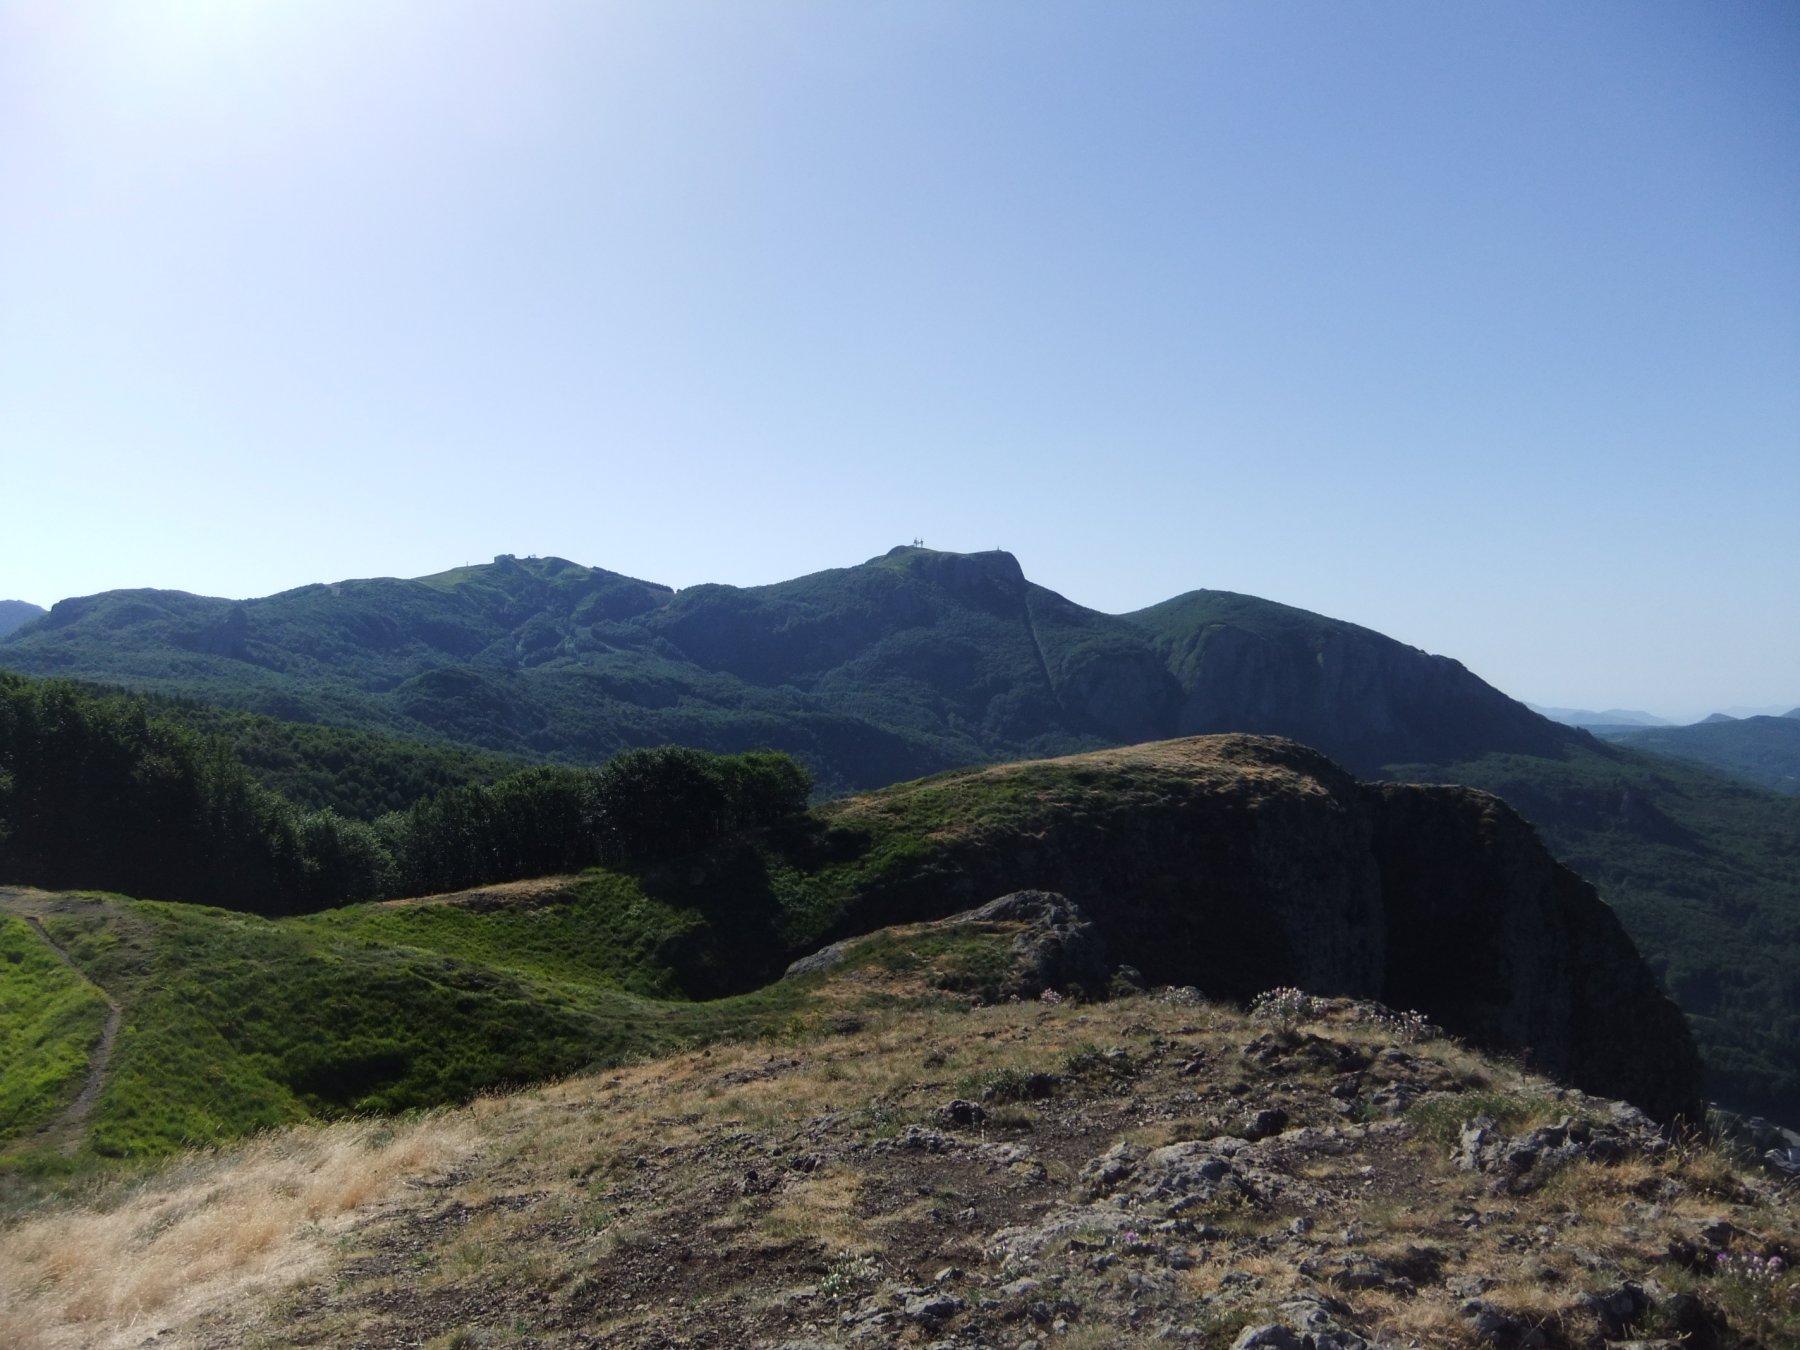 Maggiorasca (Monte) da Rocca d'Aveto, anello per Monte Roncalla, Monte Nero, Passo della Lepre 2017-07-08